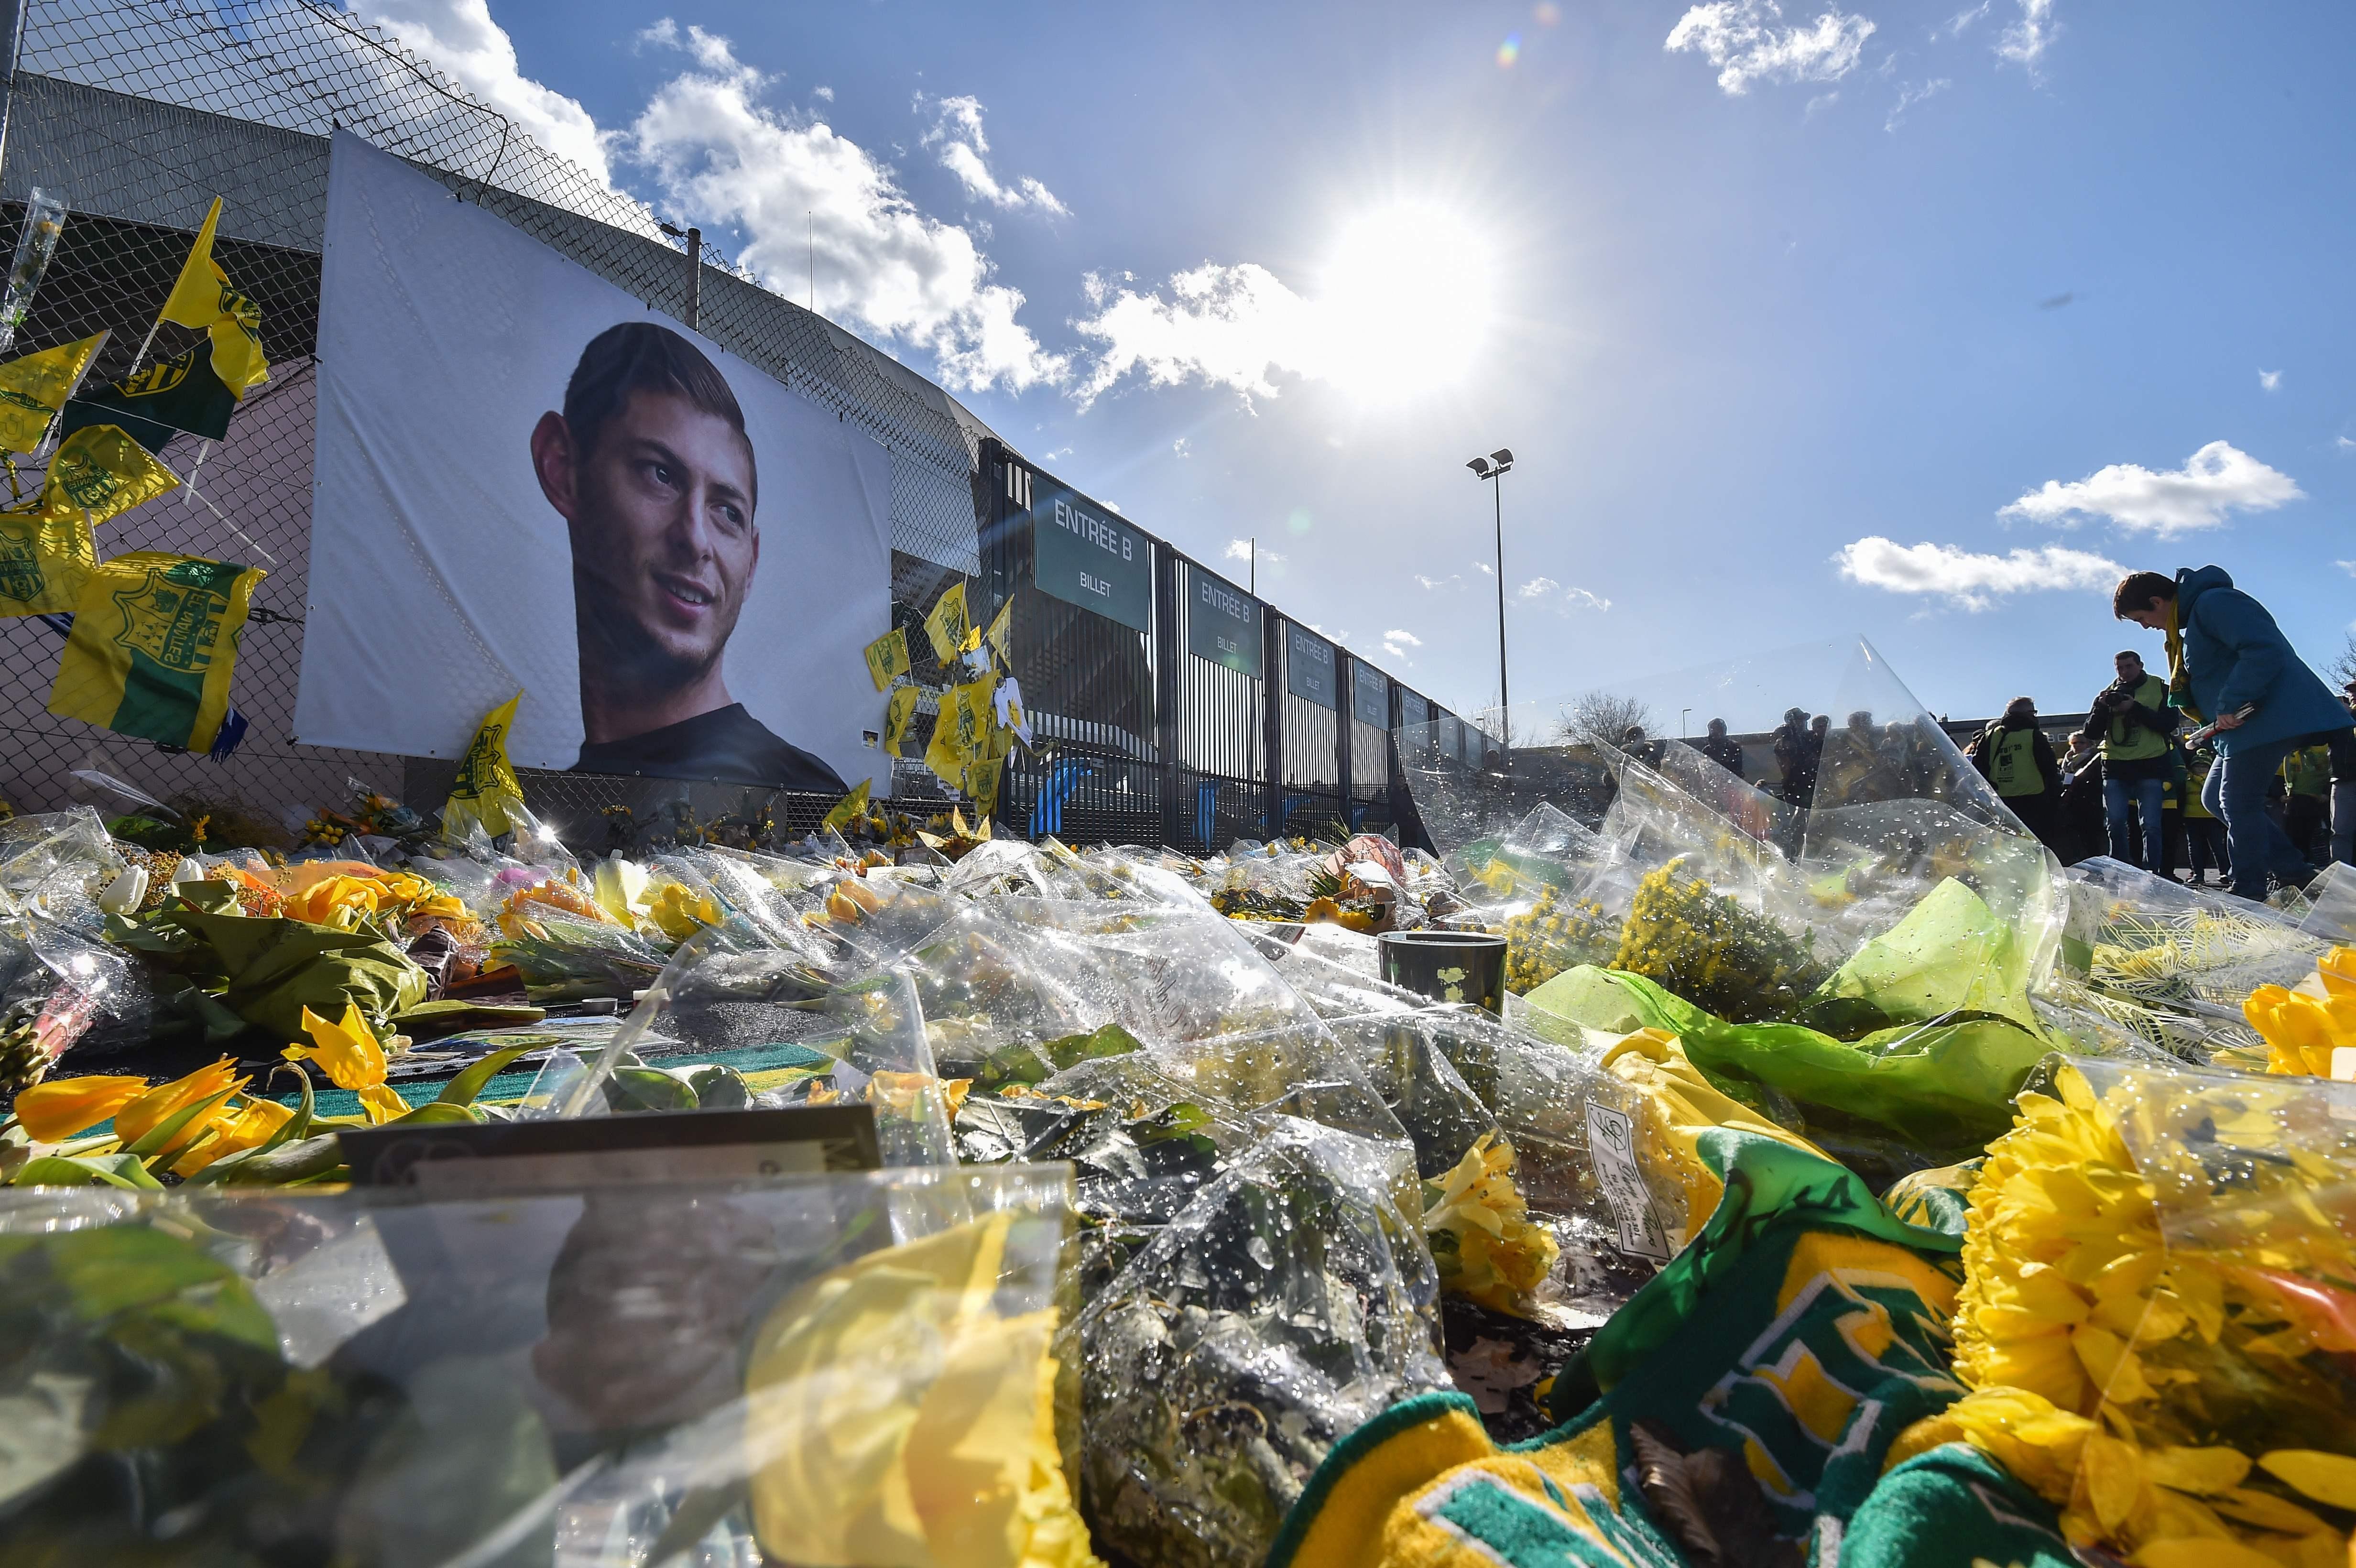 Este martes se dieron a conocer detalles del velatorio de Emiliano Sala. (Foto Prensa Libre: AFP)